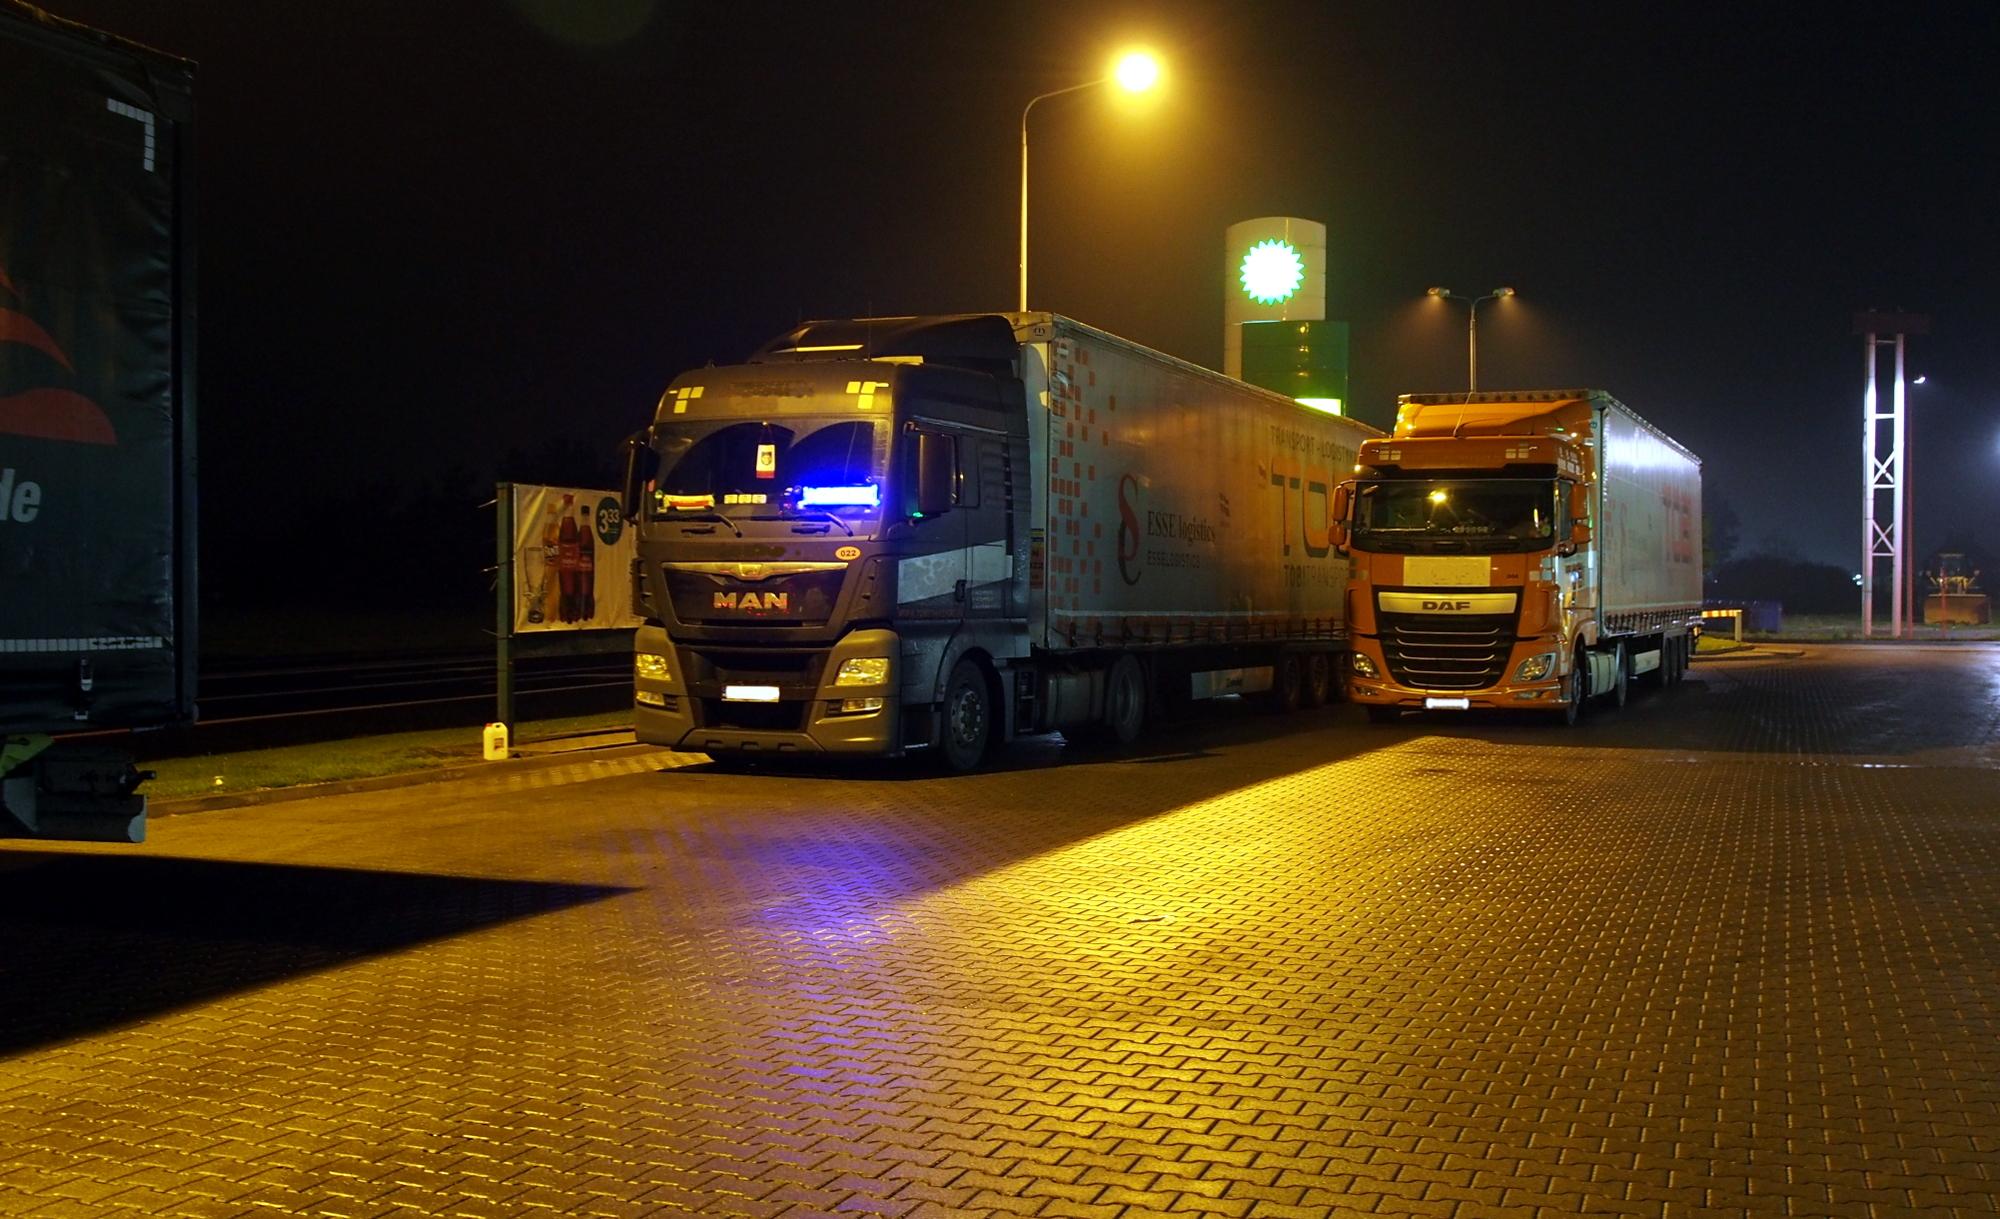 Nowy obowiązek dla przewoźników. Do KREPTD wpisywane będą numery rejestracyjne ciężarówek